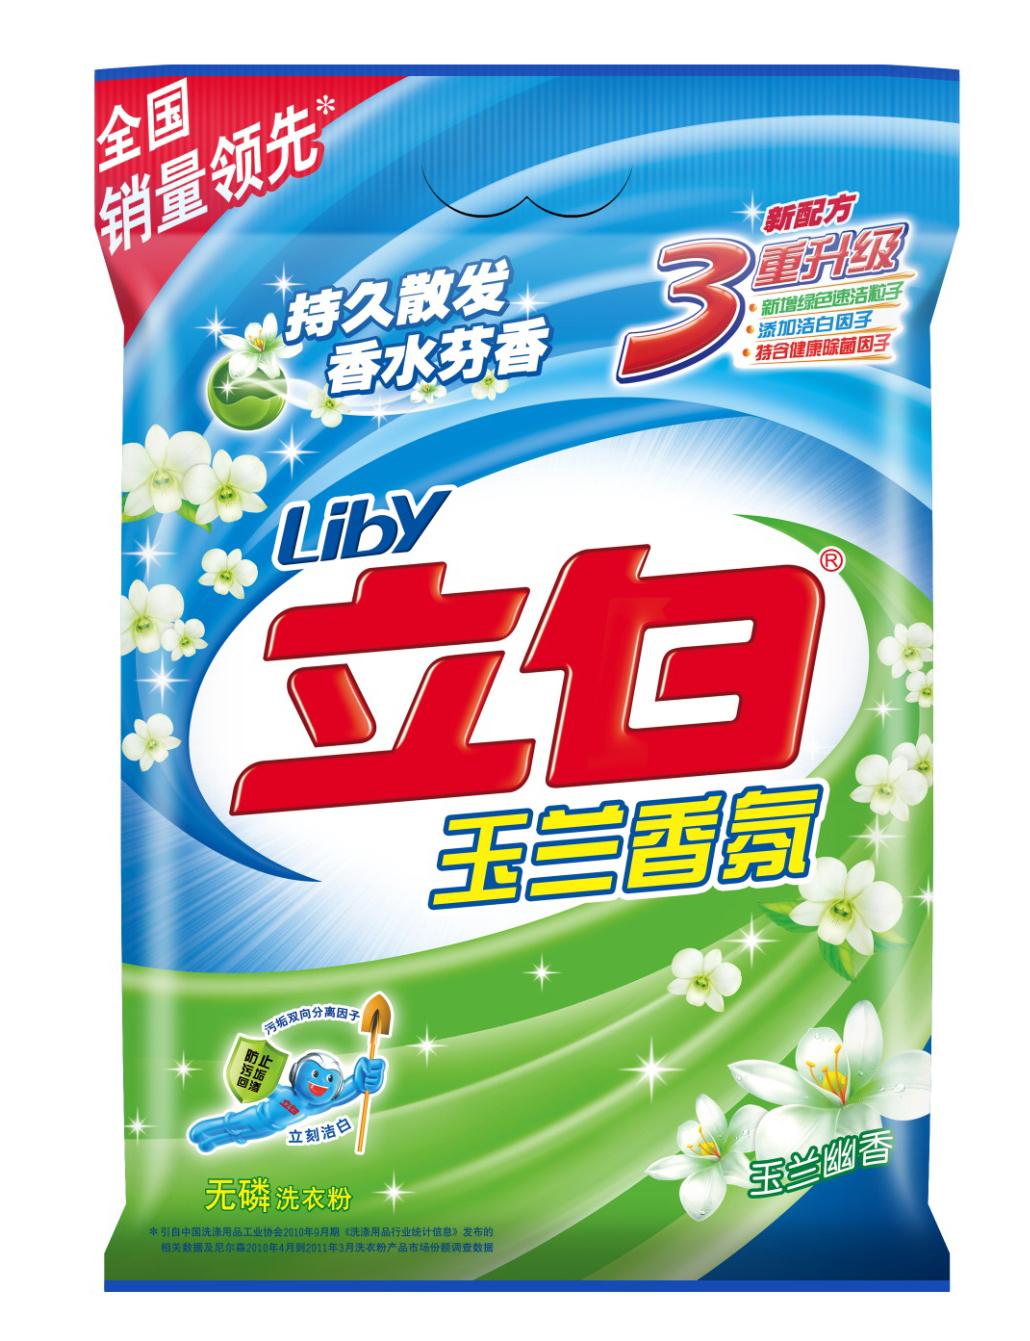 洗衣粉包装效果